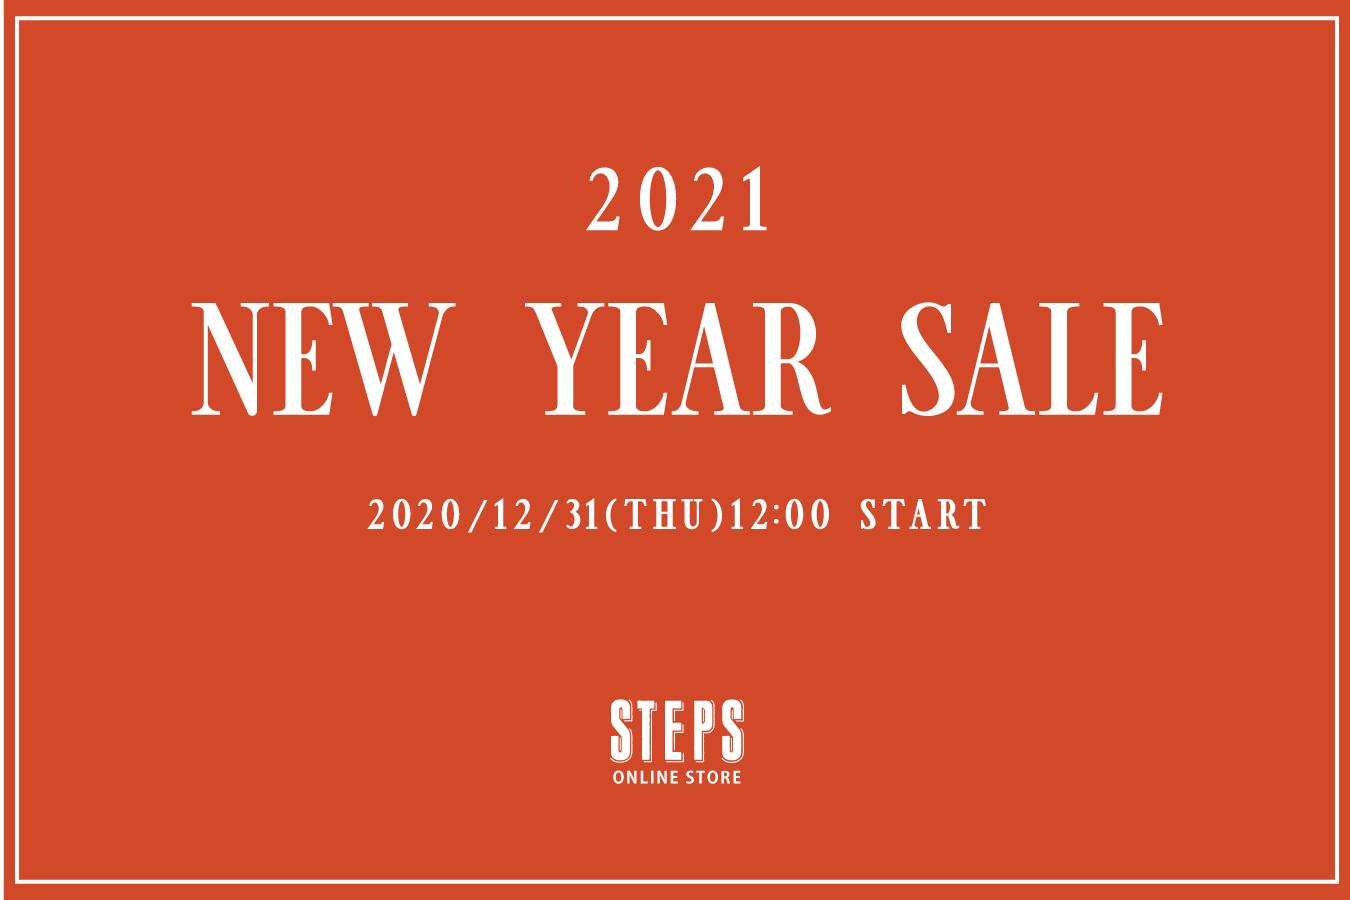 NEW YEAR SALE START!! 2020/12/31 12:00~